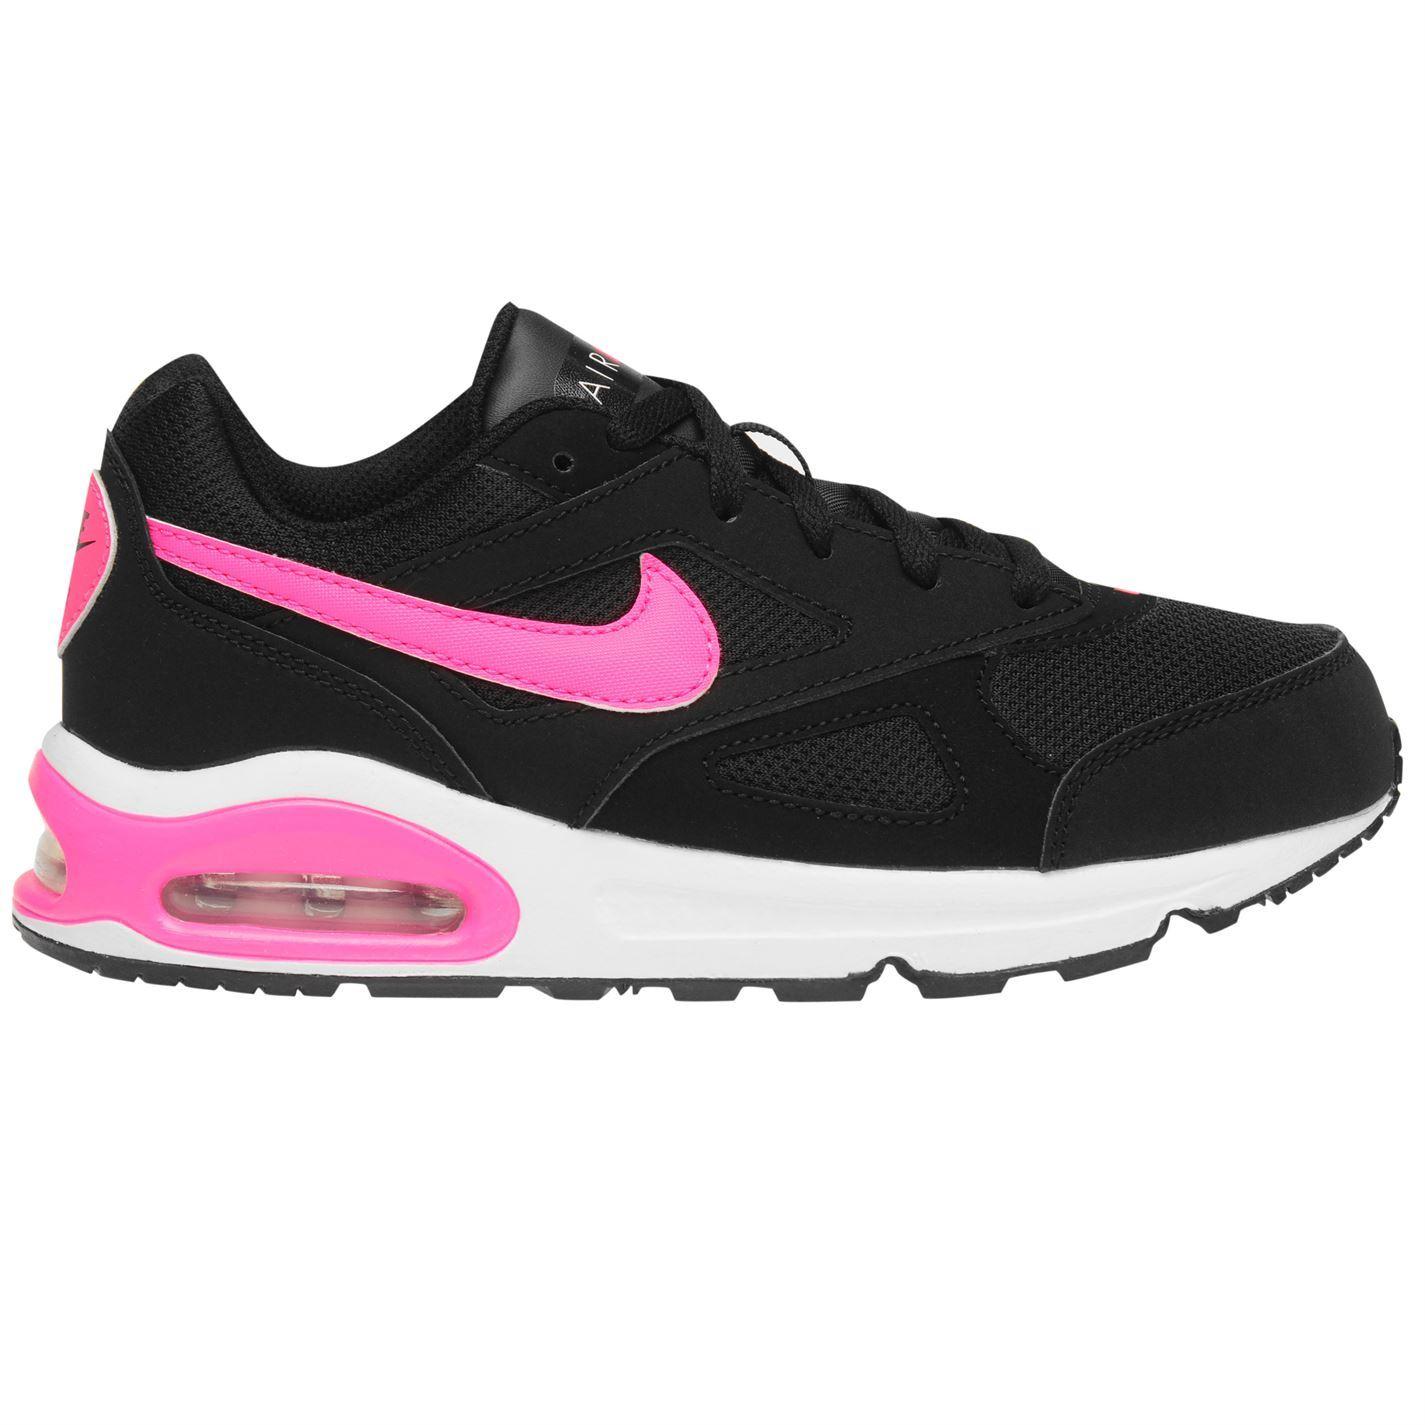 Détails sur Nike Air Max Ivo Baskets Fille Noir/Rose Chaussures